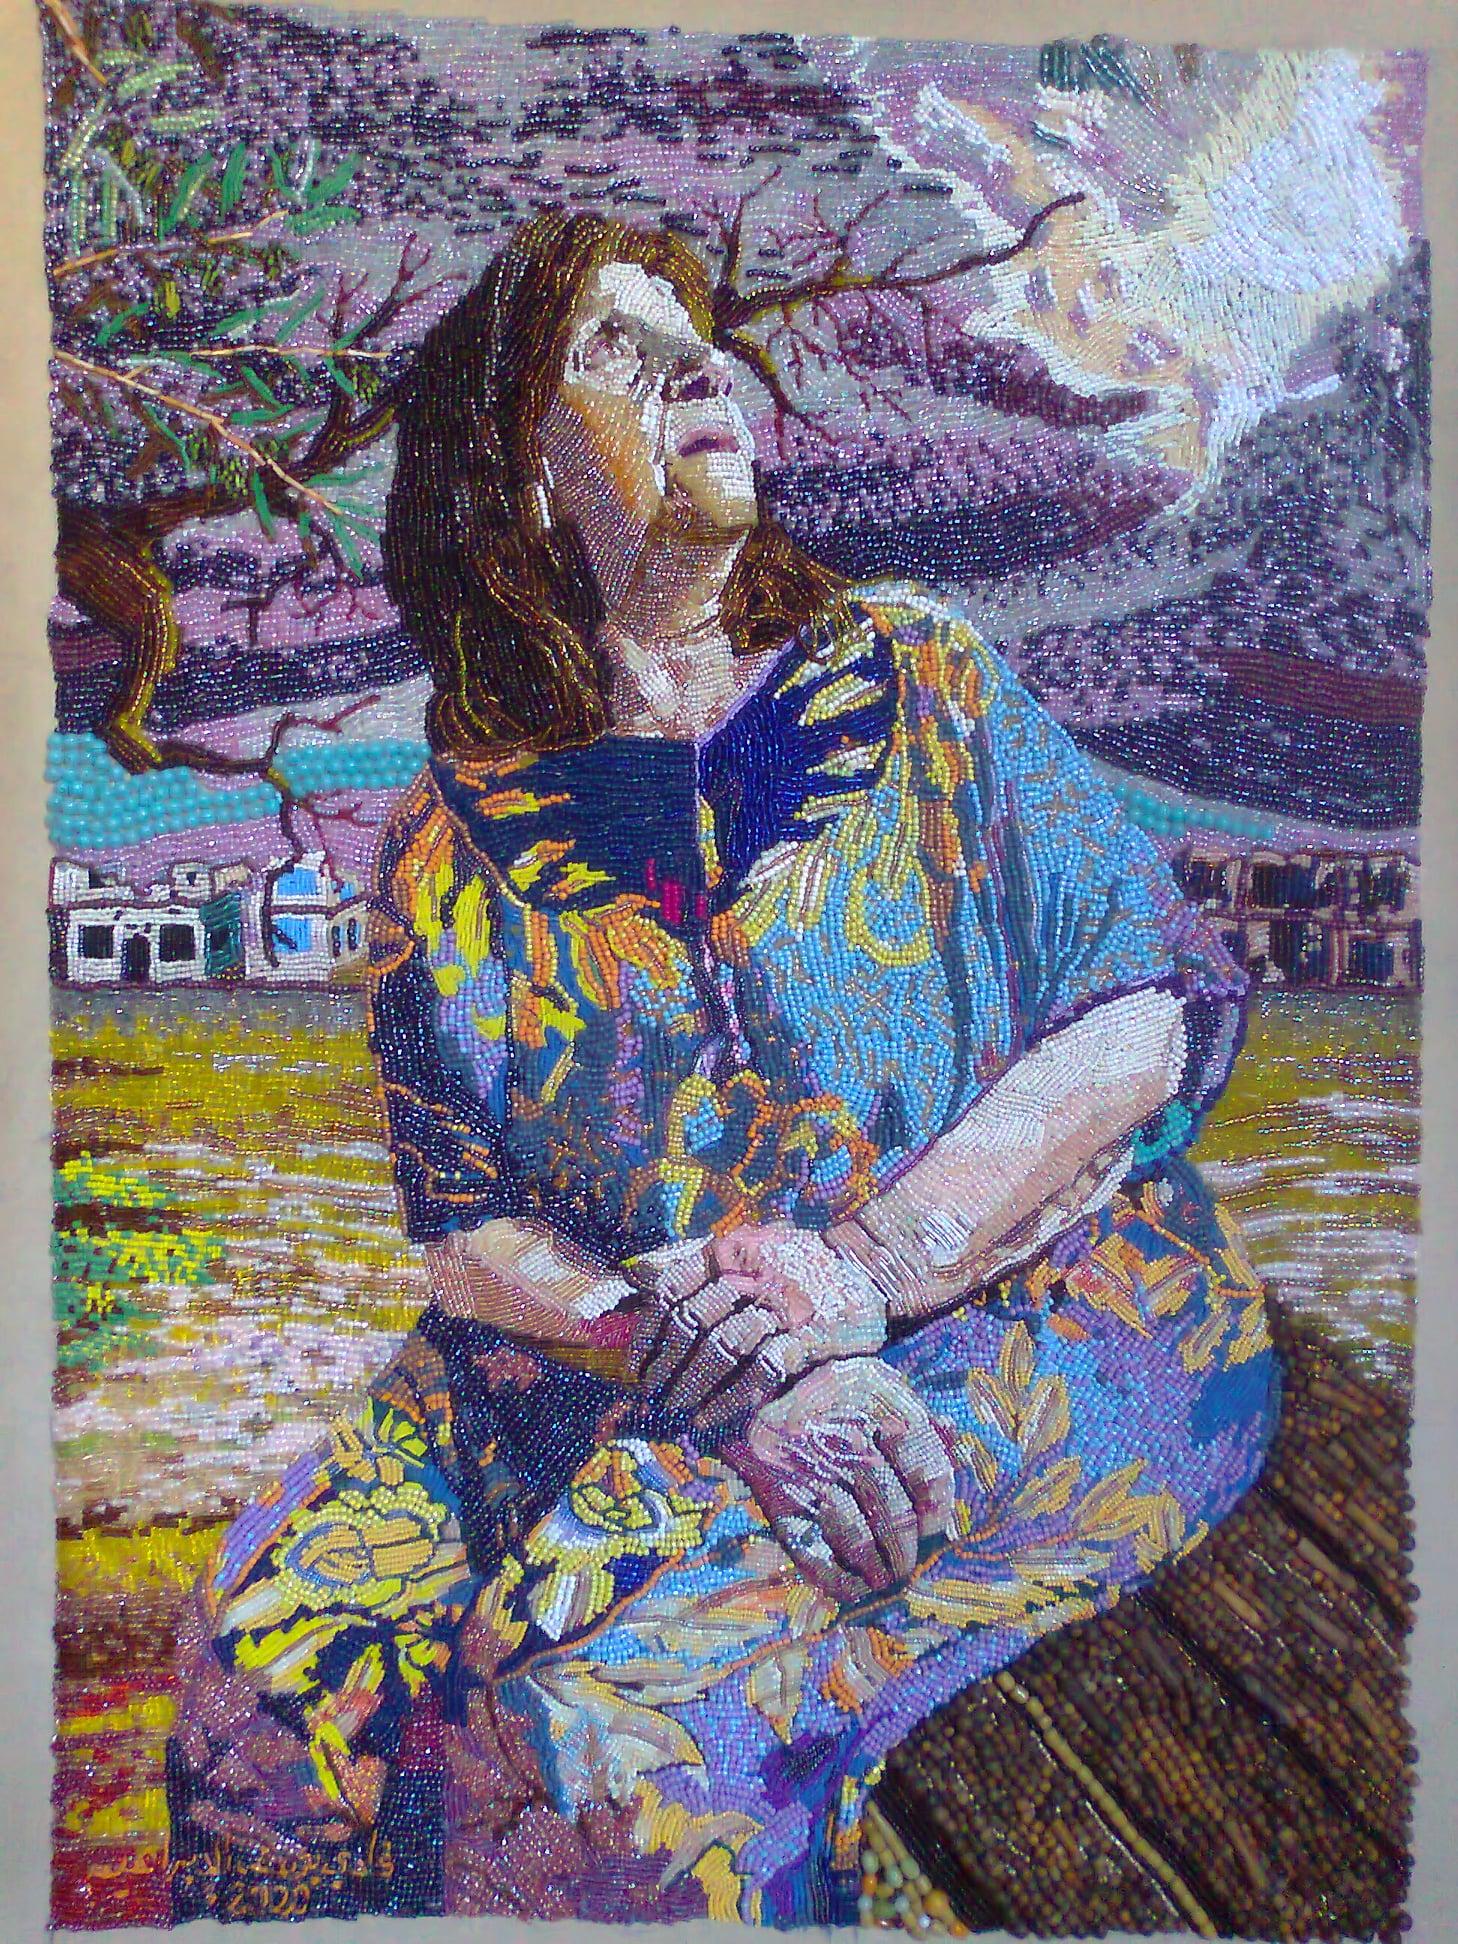 لوحة امي الخائفة